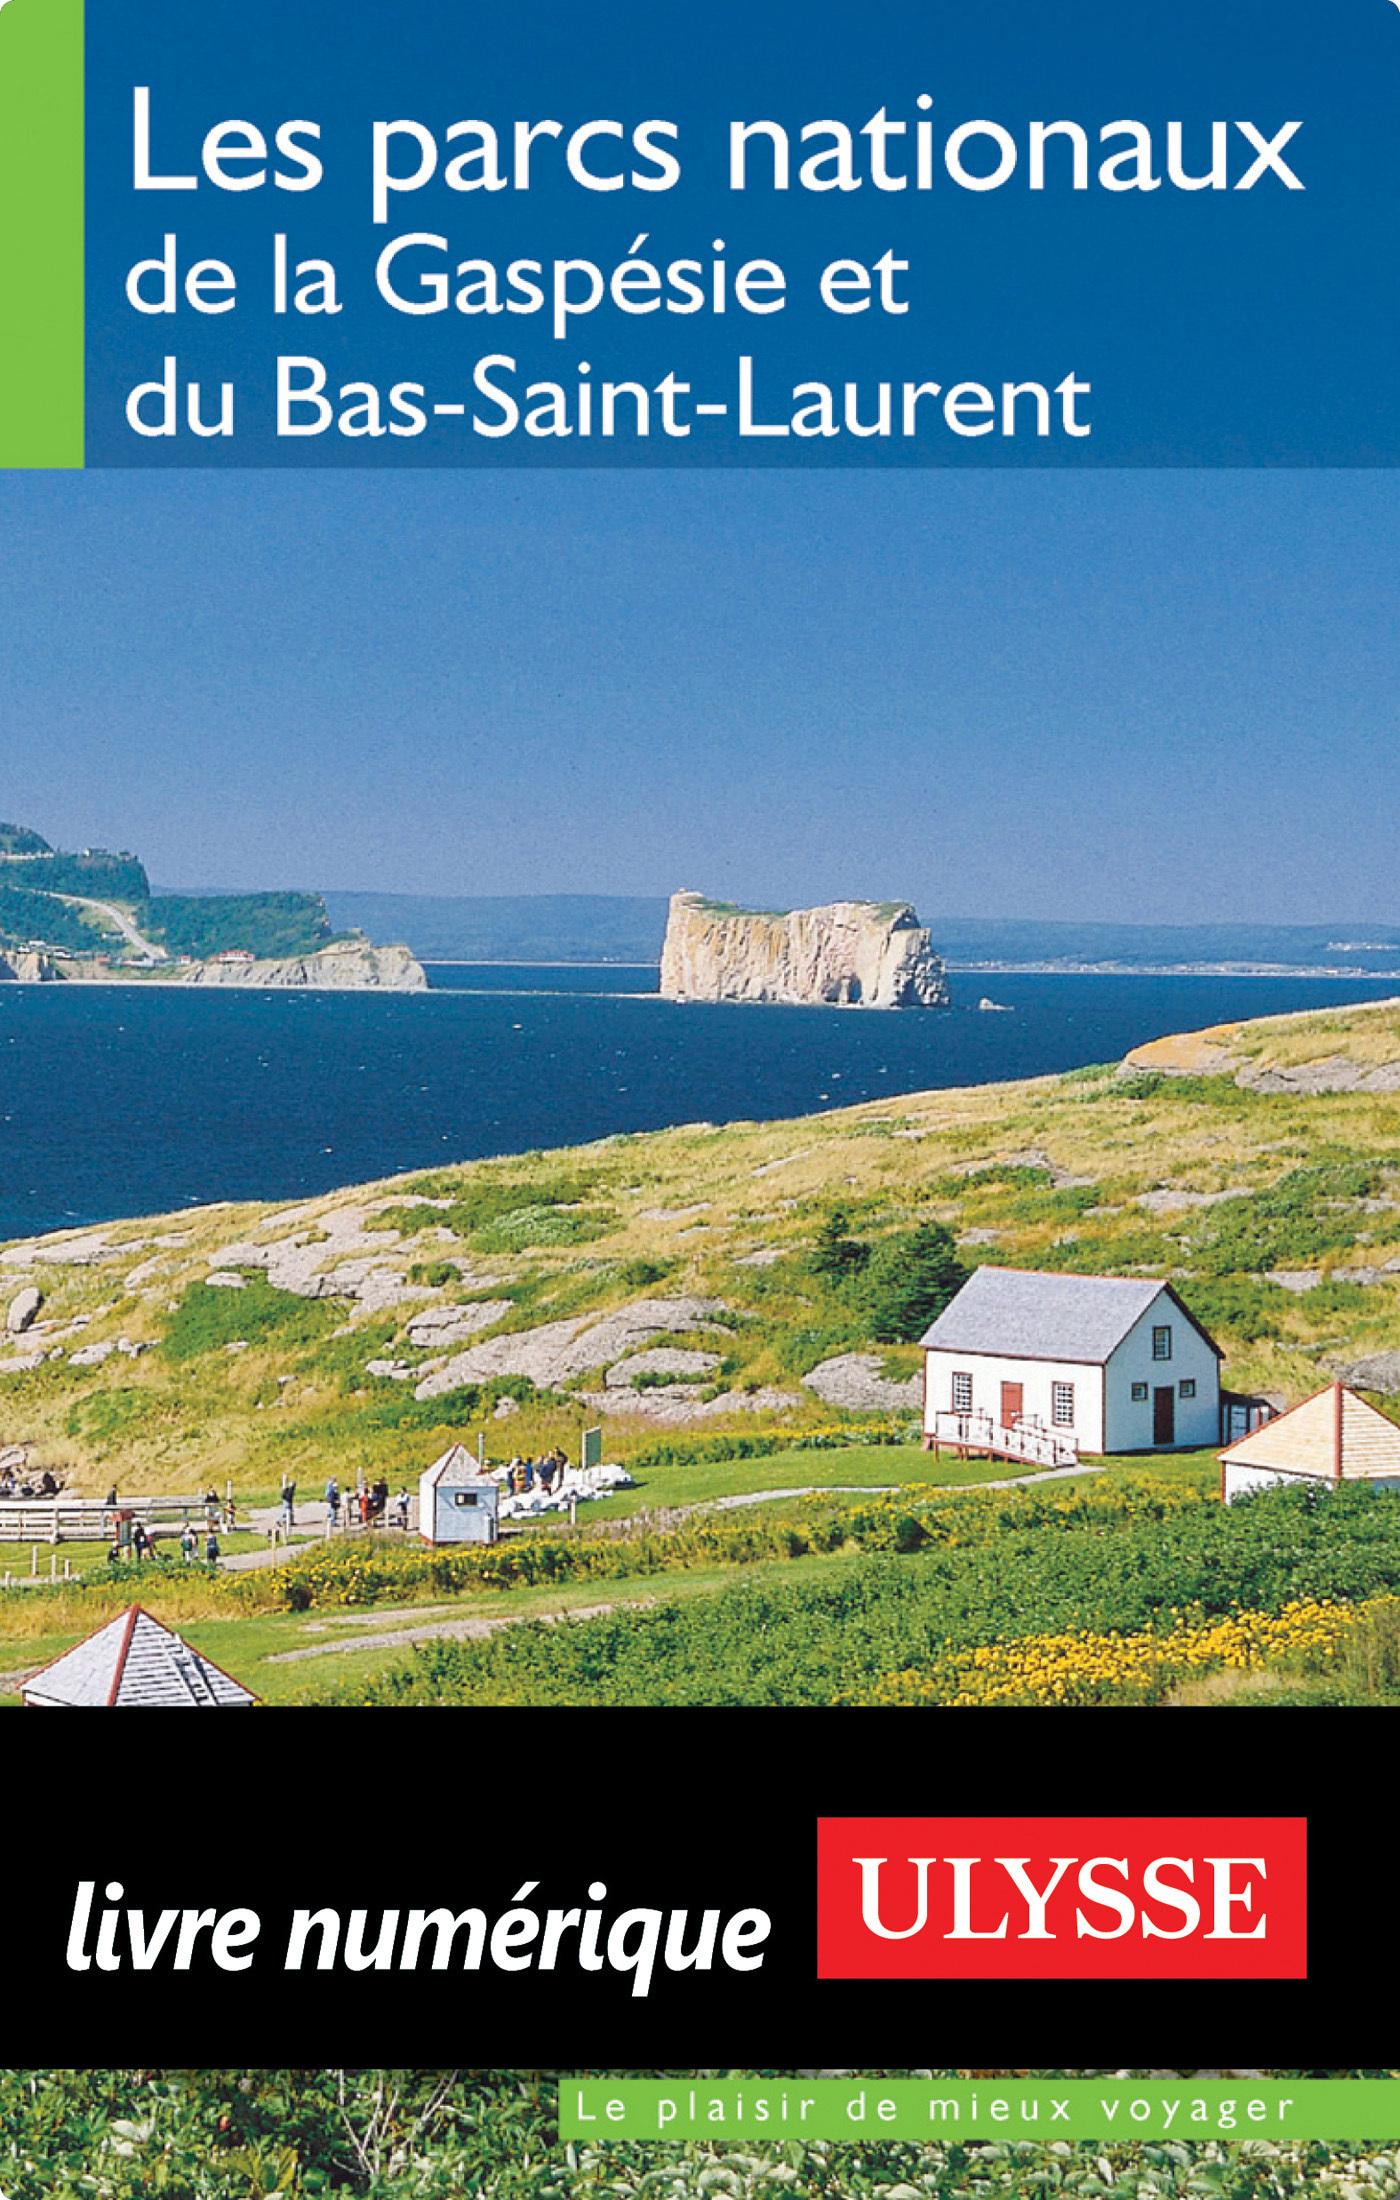 Les parcs nationaux de la Gaserie Bas-Saint-Laurent